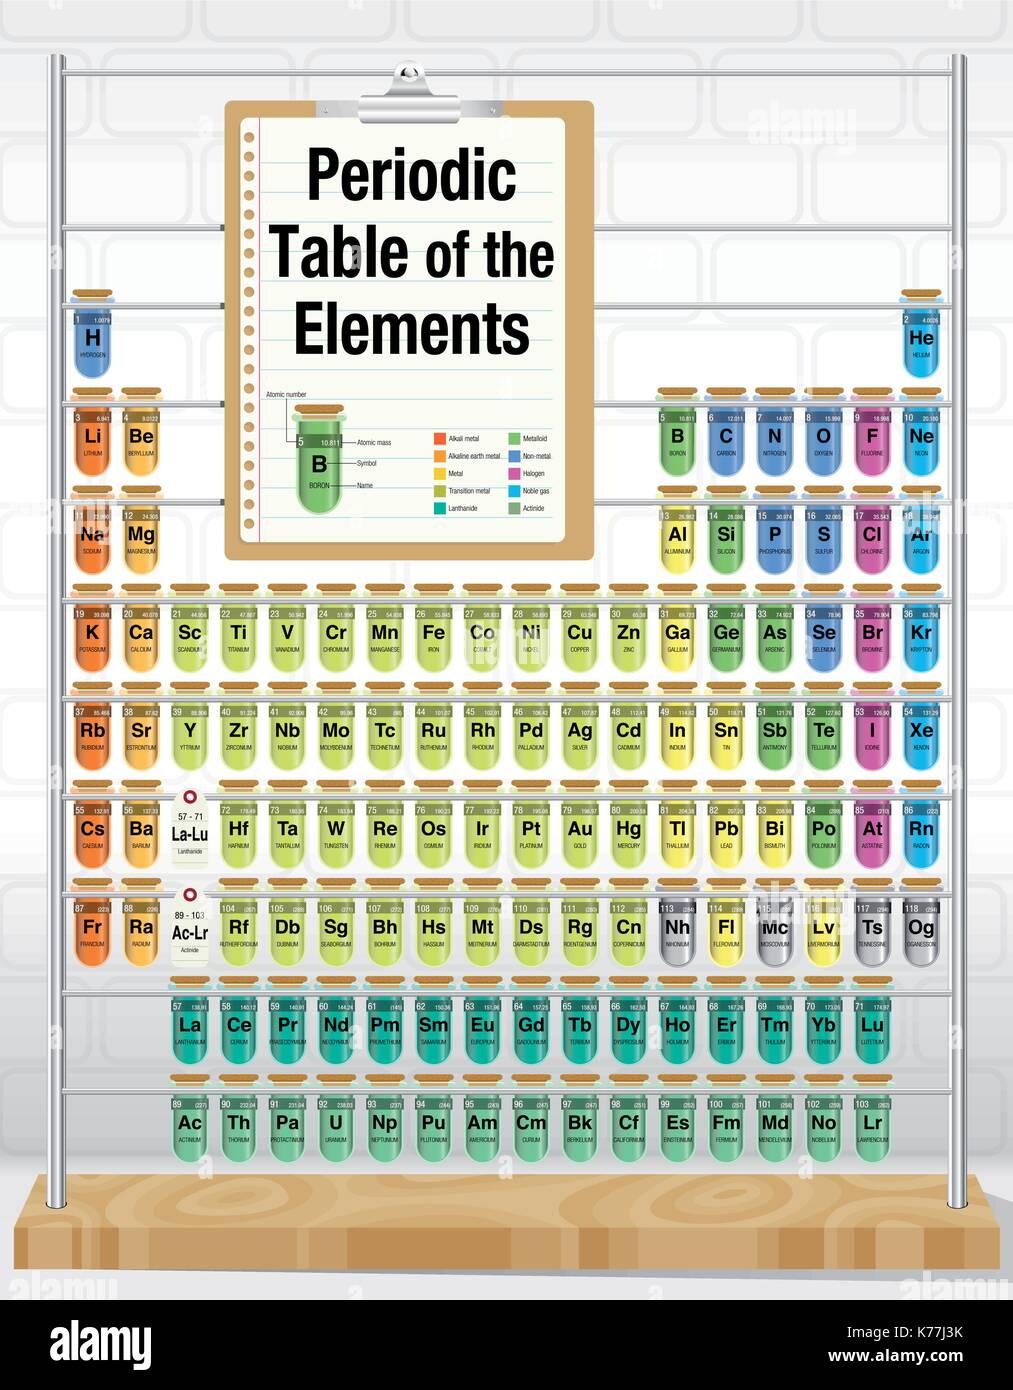 Tabla peridica de los elementos compuestos de tubos de ensayo con tabla peridica de los elementos compuestos de tubos de ensayo con los nombres y el nmero de cada elemento con los 4 nuevos elementos incluidos por la urtaz Choice Image